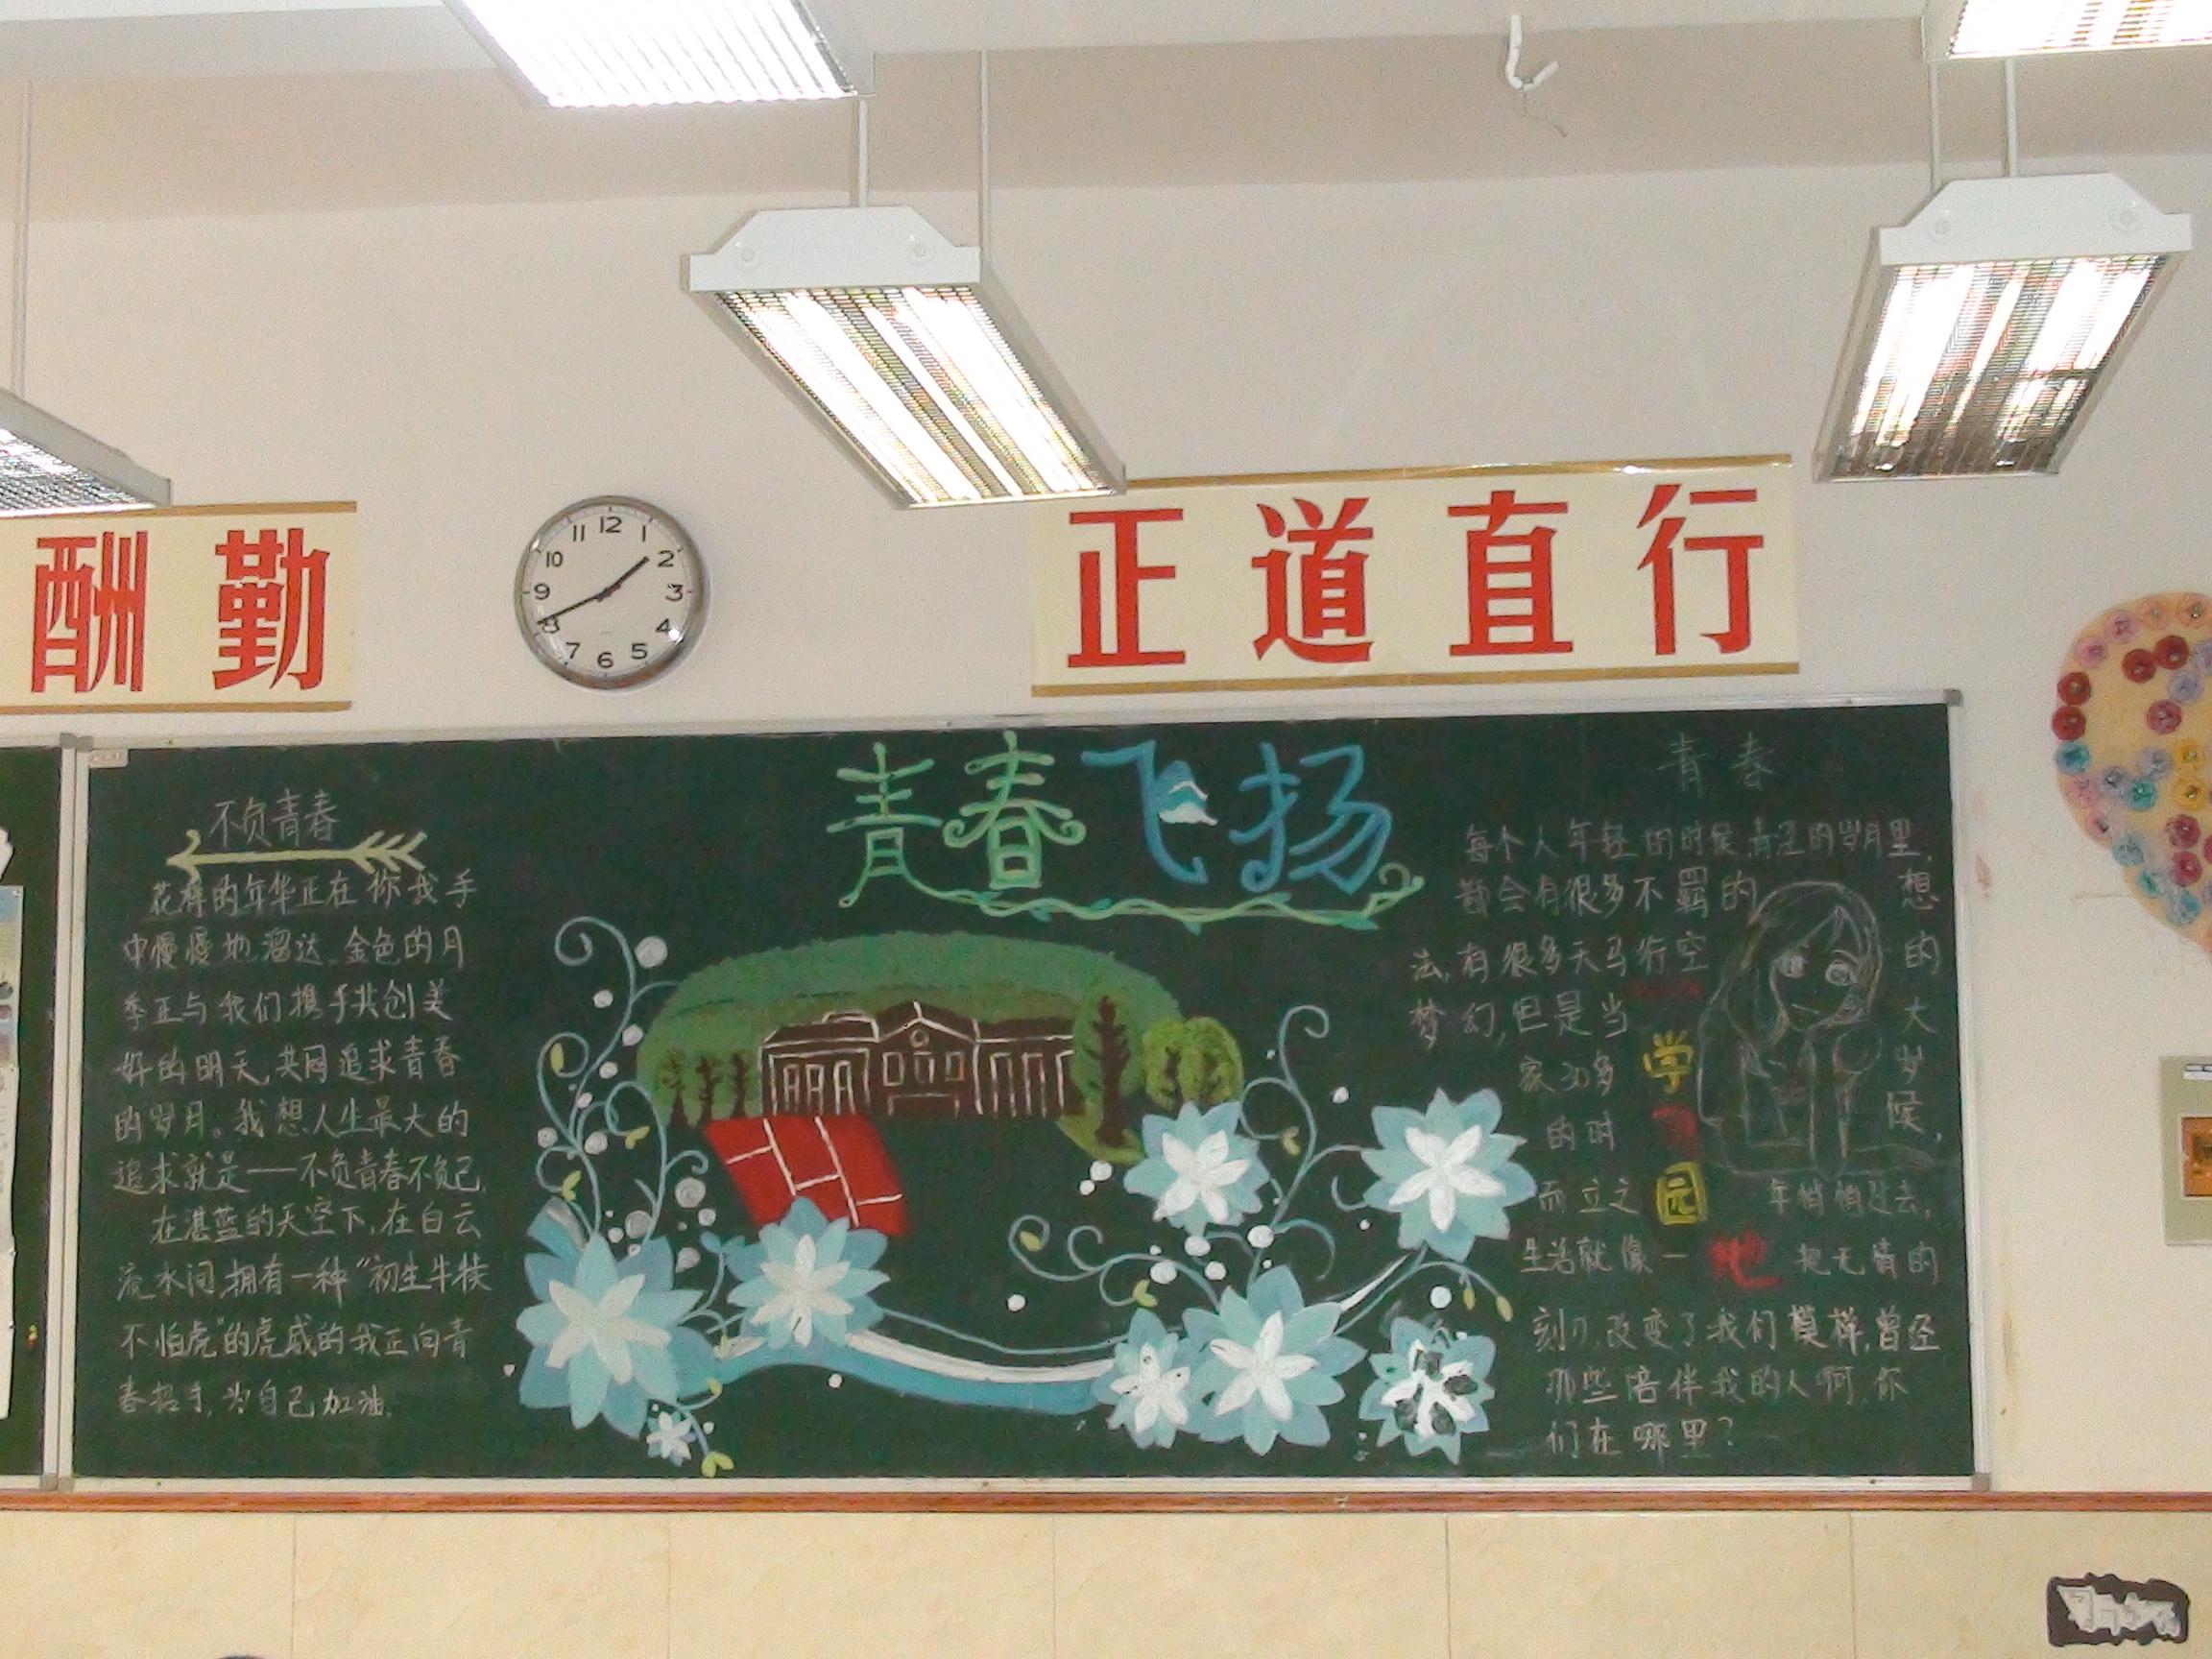 2015学年校艺术节黑板报评比揭晓